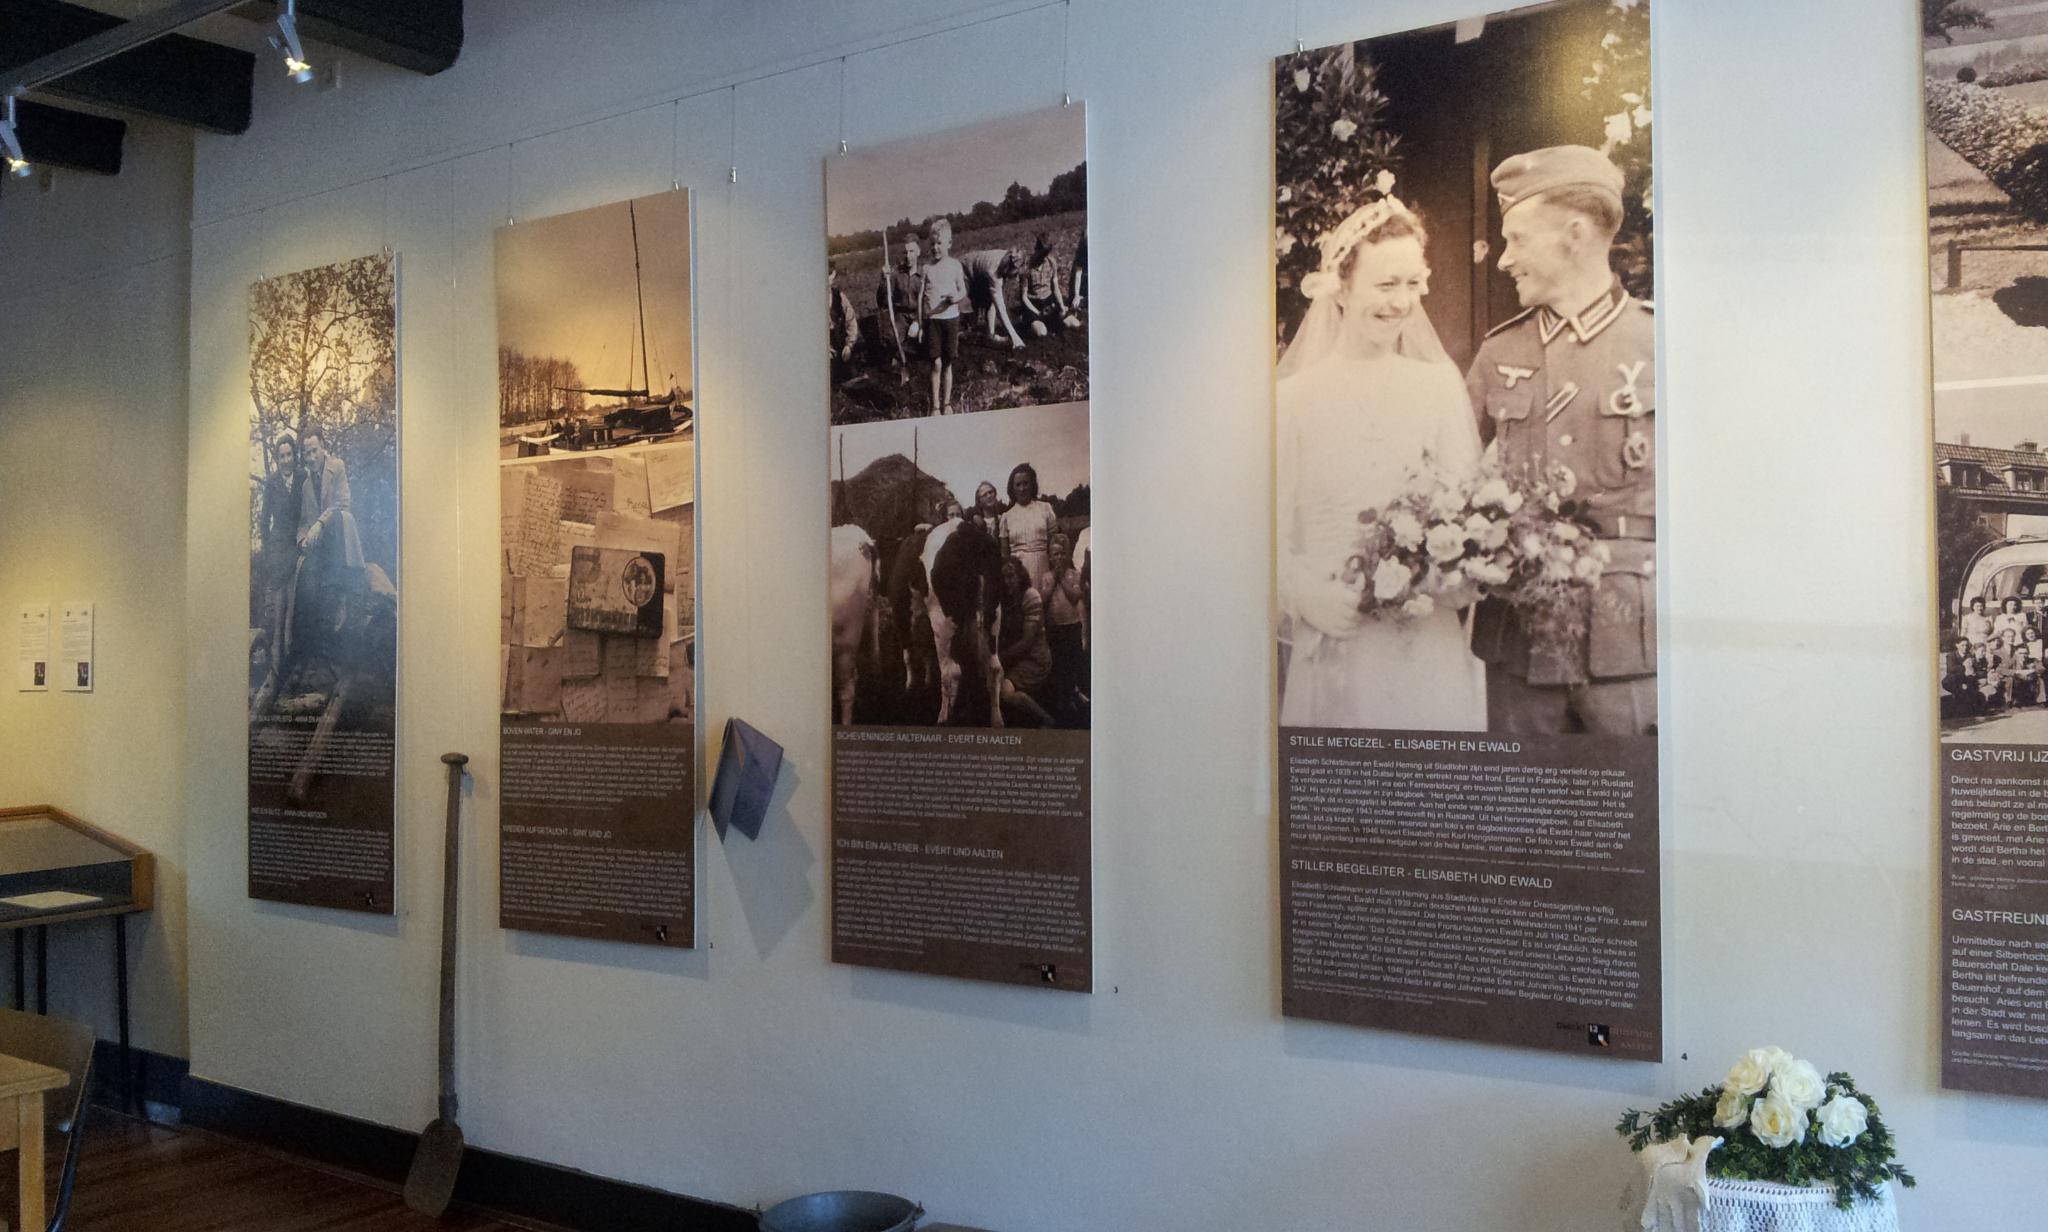 Onderduikmuseum verhalen 2 overz